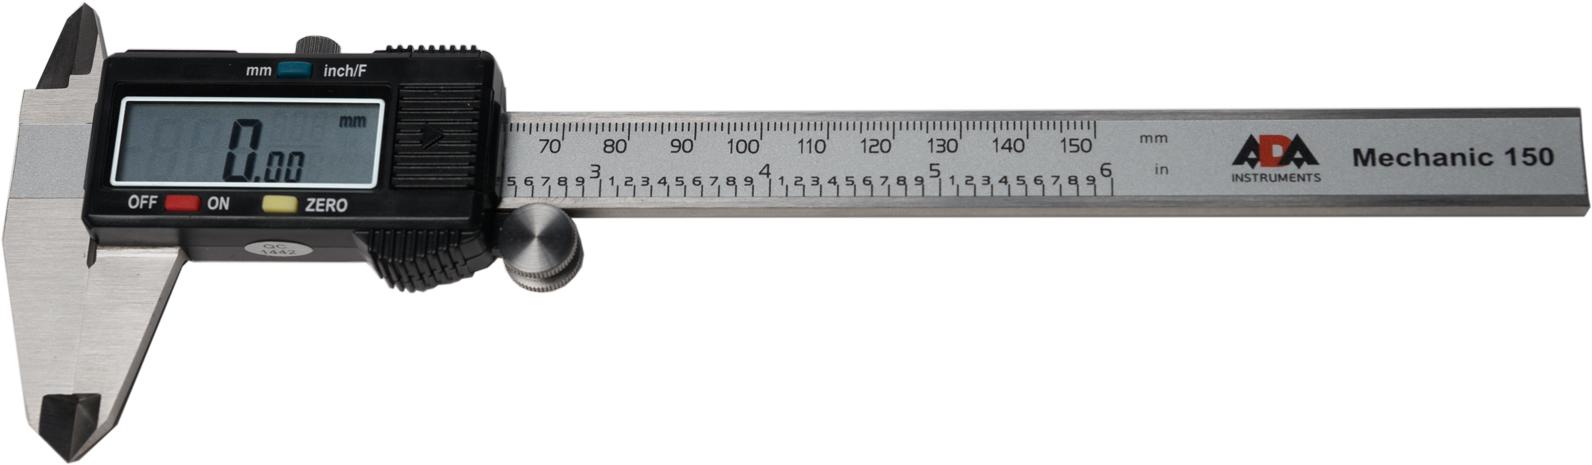 Штангенциркуль цифровой ADA Mechanic 150А00379Цифровой штангенциркуль ADA Mechanic 150 используется для проведения как наружных, так и внутренних измерений различных изделий или заготовок. Измерения производятся с высокой точностью ±0.03 мм. Результаты отображаются на ЖК дисплее с точностью до тысячных. Нажатием кнопки можно перевести миллиметры в дюймы. Результаты измерения отражаются на ЖК экране крупными цифрами.В любом положении подвижной рамки можно обнулить значение и начать измерения от этого положения. Например при определении разницы между диаметрами двух деталей.Включение штангенциркуля происходит автоматически при сдвиге рамки. Подвижная рамка имеет специальное колесико для точной установки и винтовой фиксатор.Корпус дисплея ADA Mechanic 150 изготовлен из пластика, остальная часть прибора — нержавеющая сталь.Цифровой штангенциркуль ADA Mechanic 150 точный и качественный ручной измерительный инструмент.Длина измерения: 0-150 ммРазрешение : 0.01ммТочность: ±0.03 ммПитание: 1х SR44